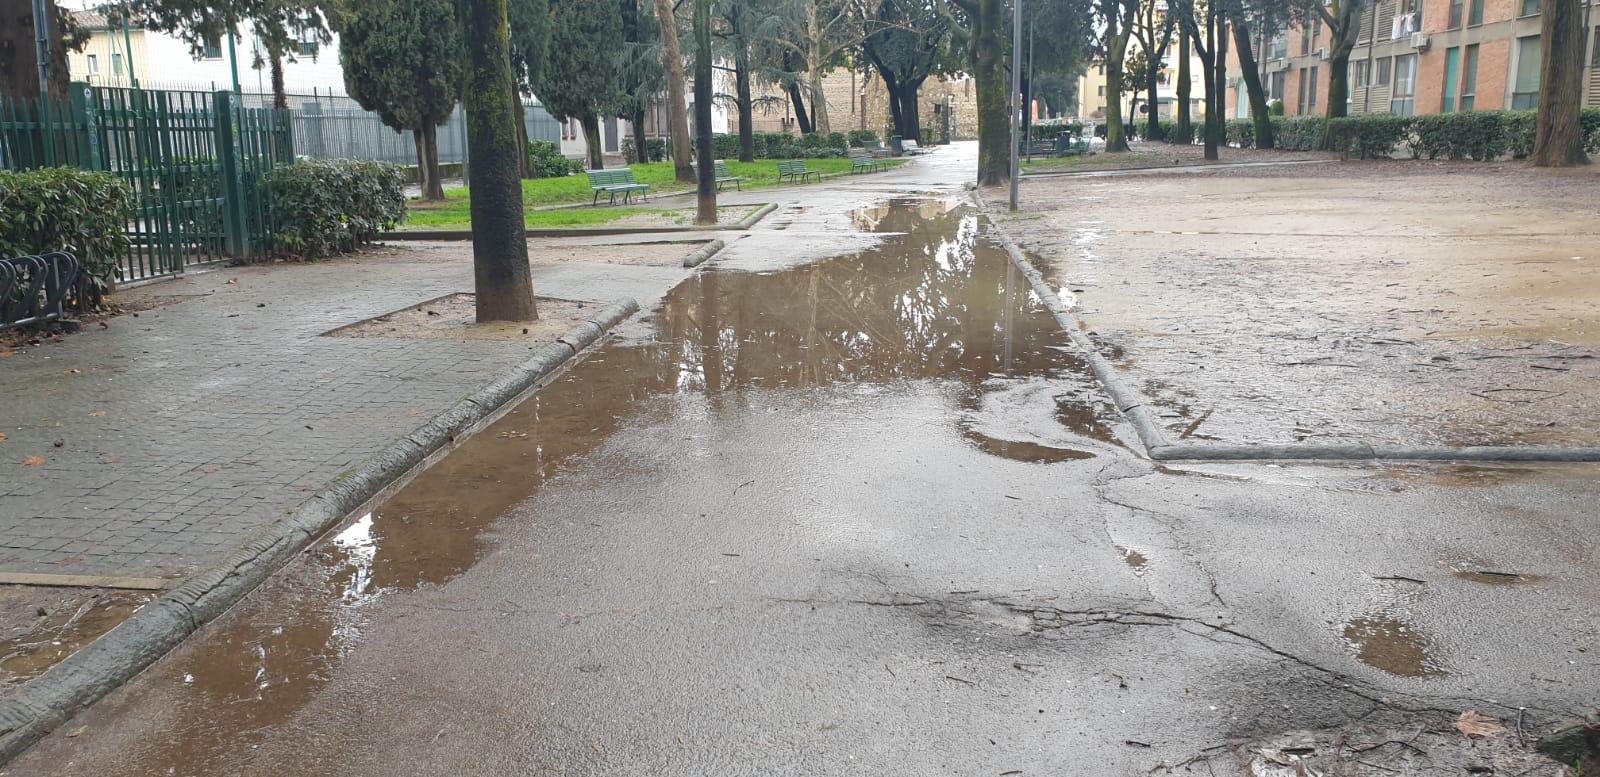 viale dei bambini alagamenti pioggia (6)